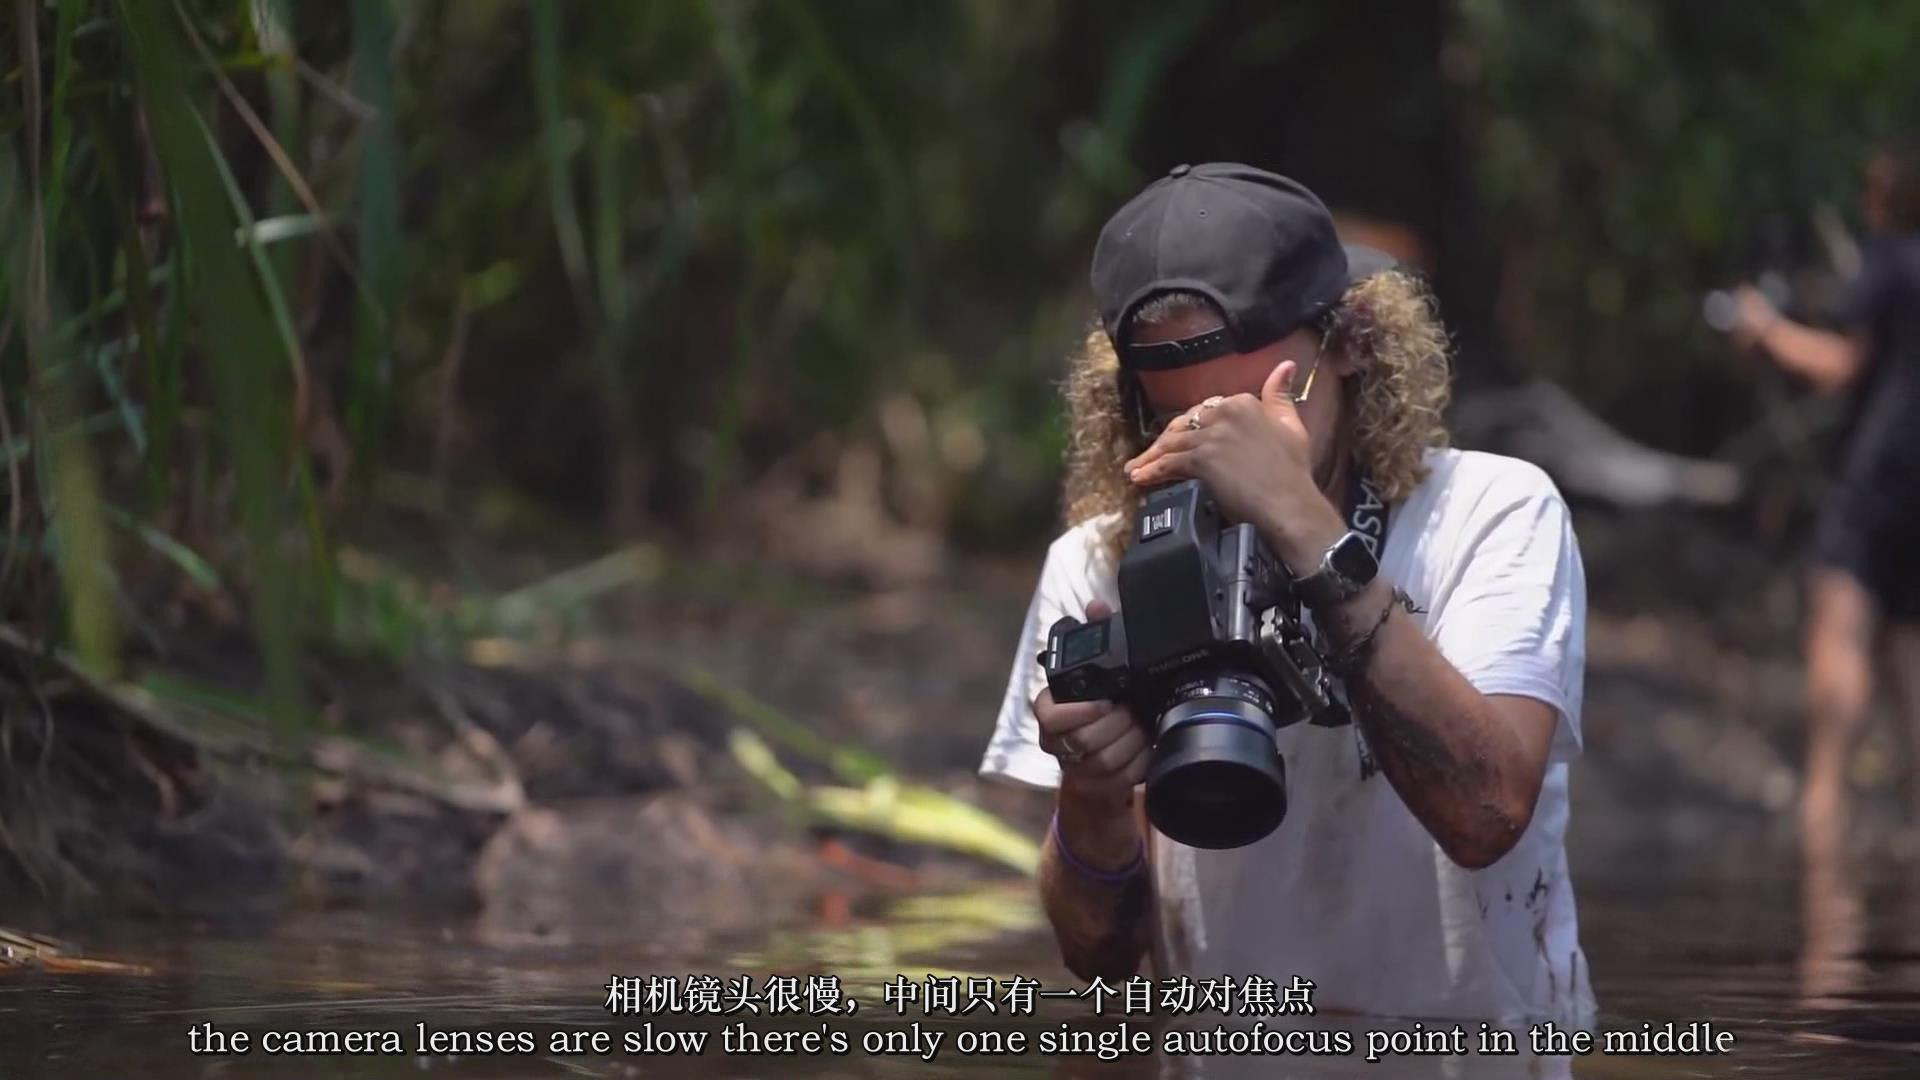 摄影教程_Chase Teron的终极野生动物摄影及后期套装教程附RAW素材-中英字幕 摄影教程 _预览图8